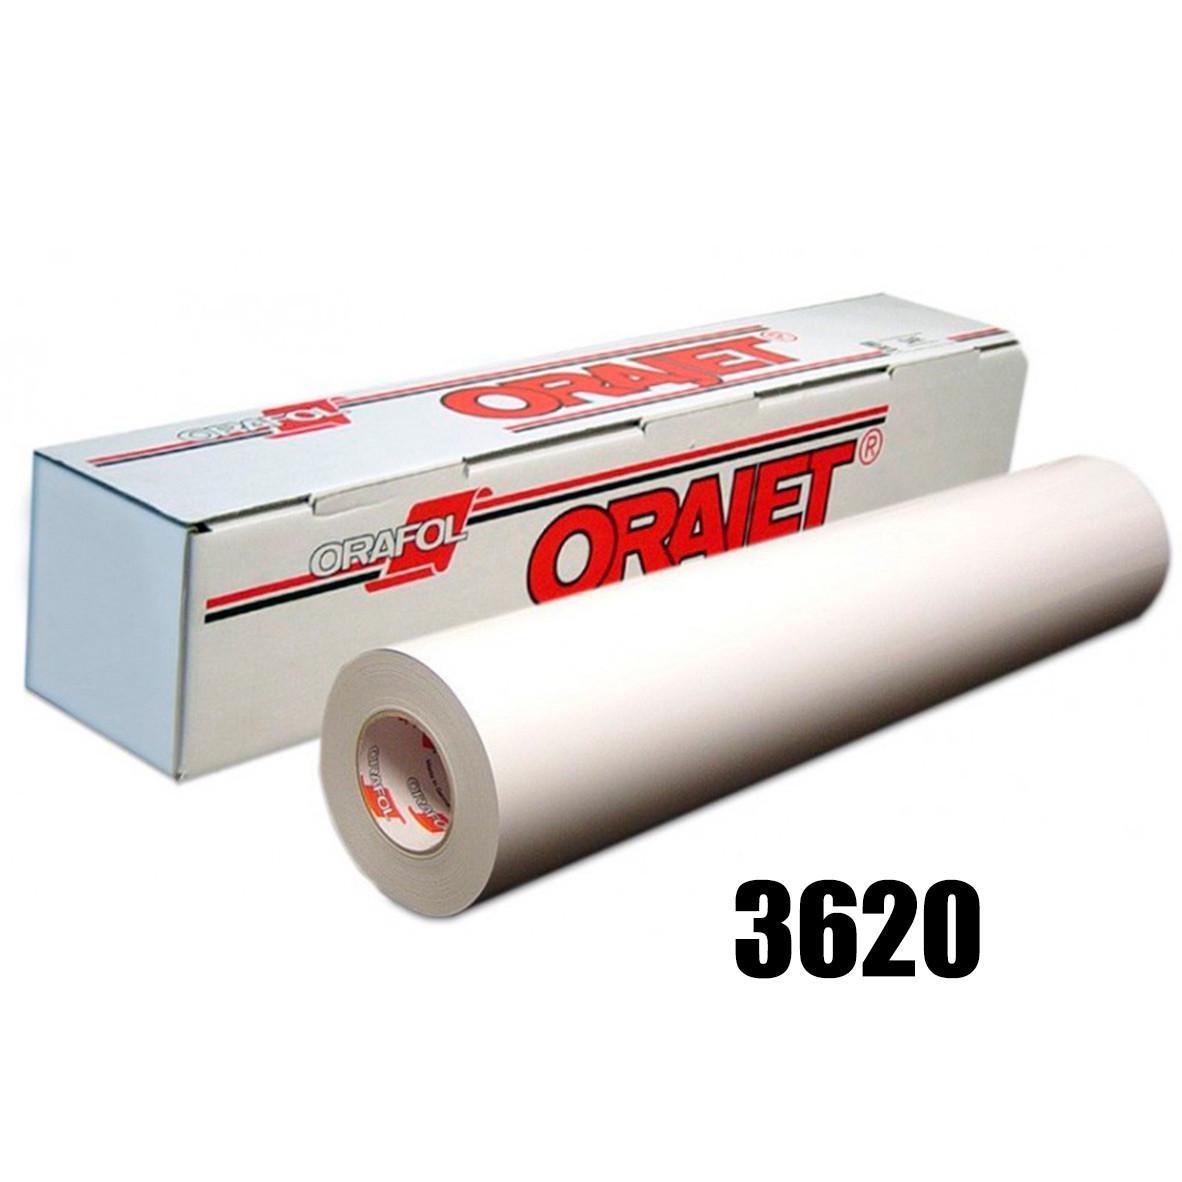 Orajet 3620 White Matte 1.52 m